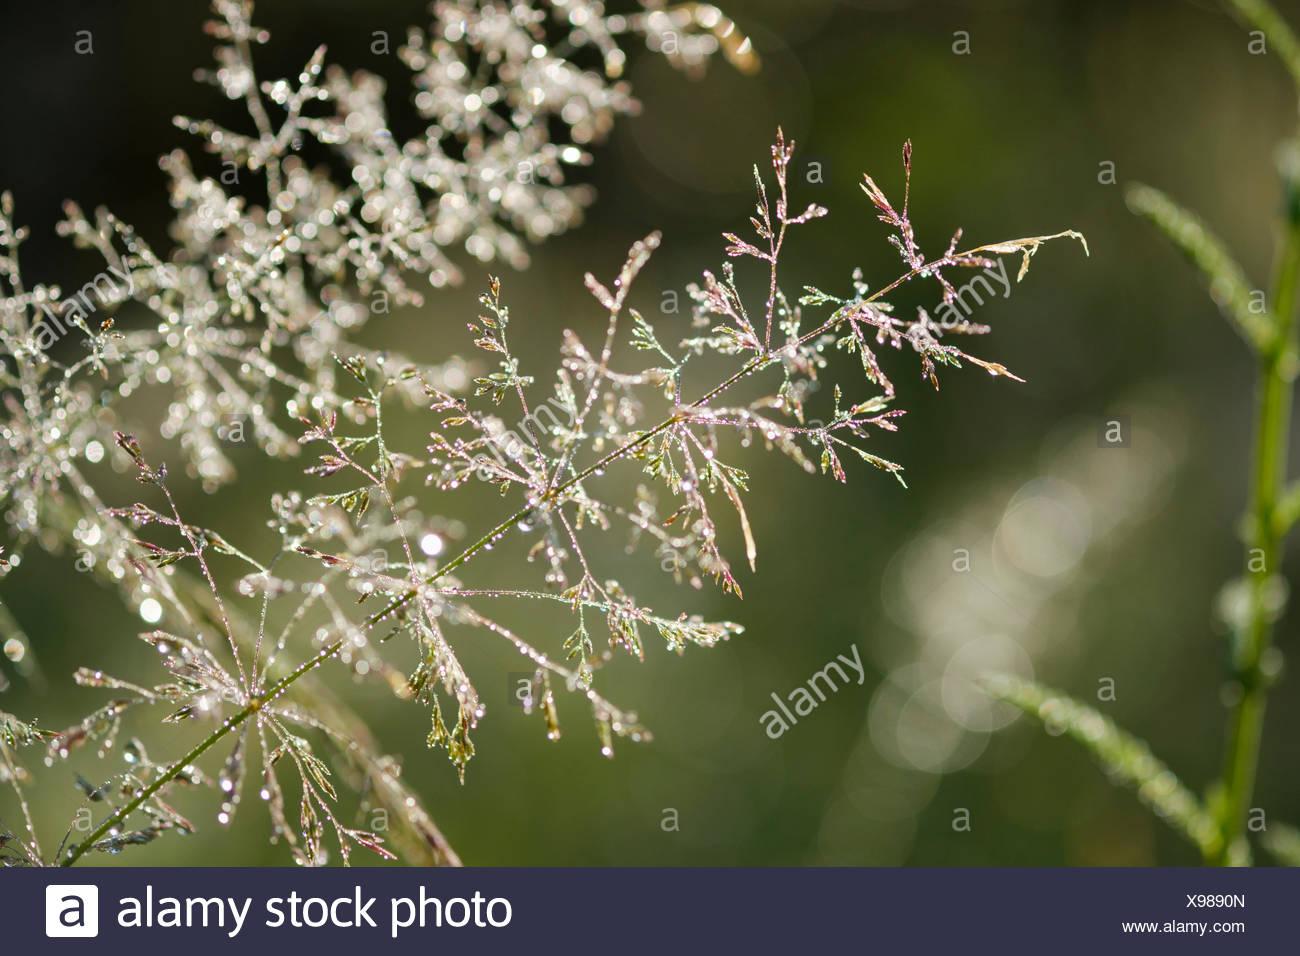 Tautropfen auf Grasblüten, Naturschutzgebiet Isarauen, Bayern, Deutschland - Stock Image